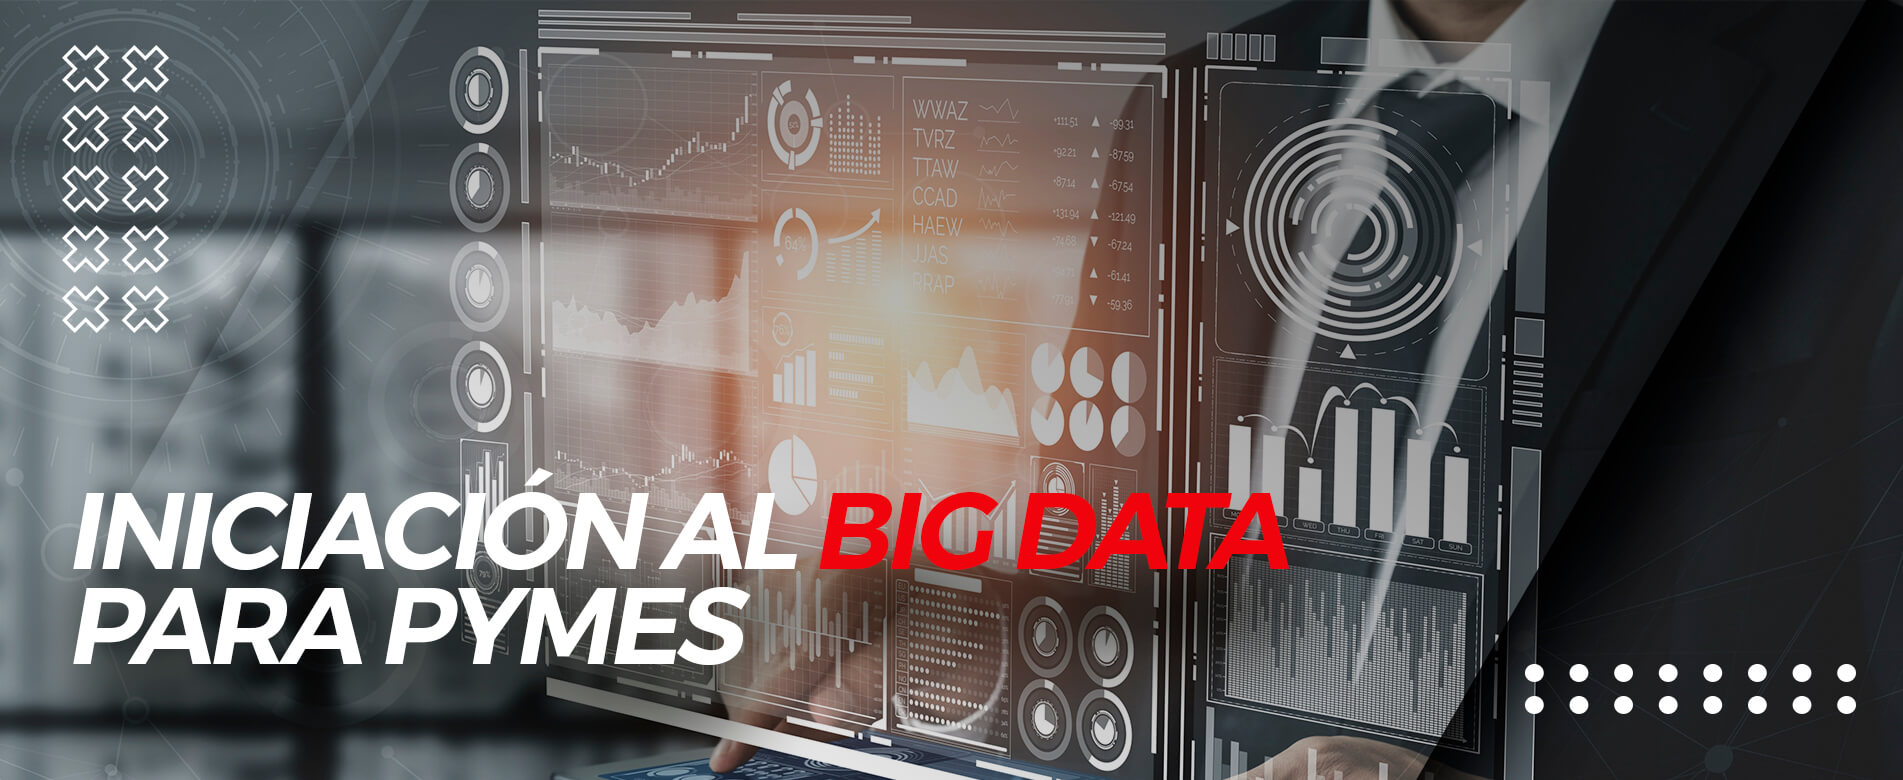 Curso Iniciación al Big data para PYMES